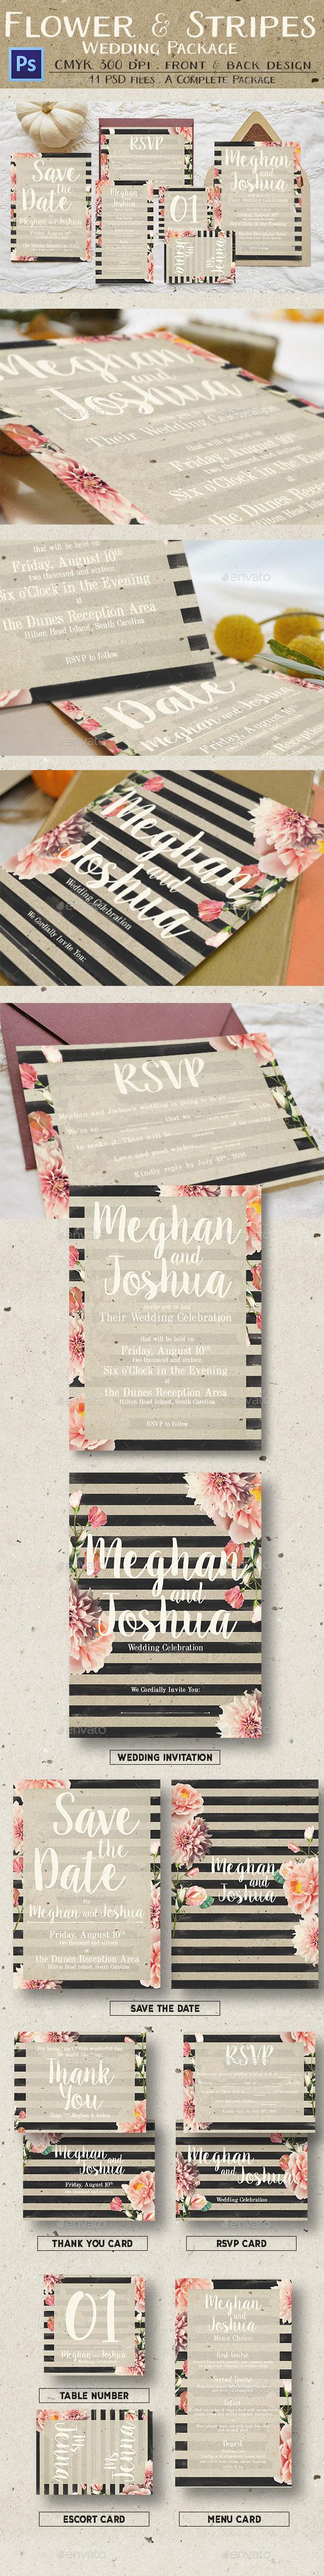 Rustic Flower & Stripes Wedding Package - Weddings Cards & Invites